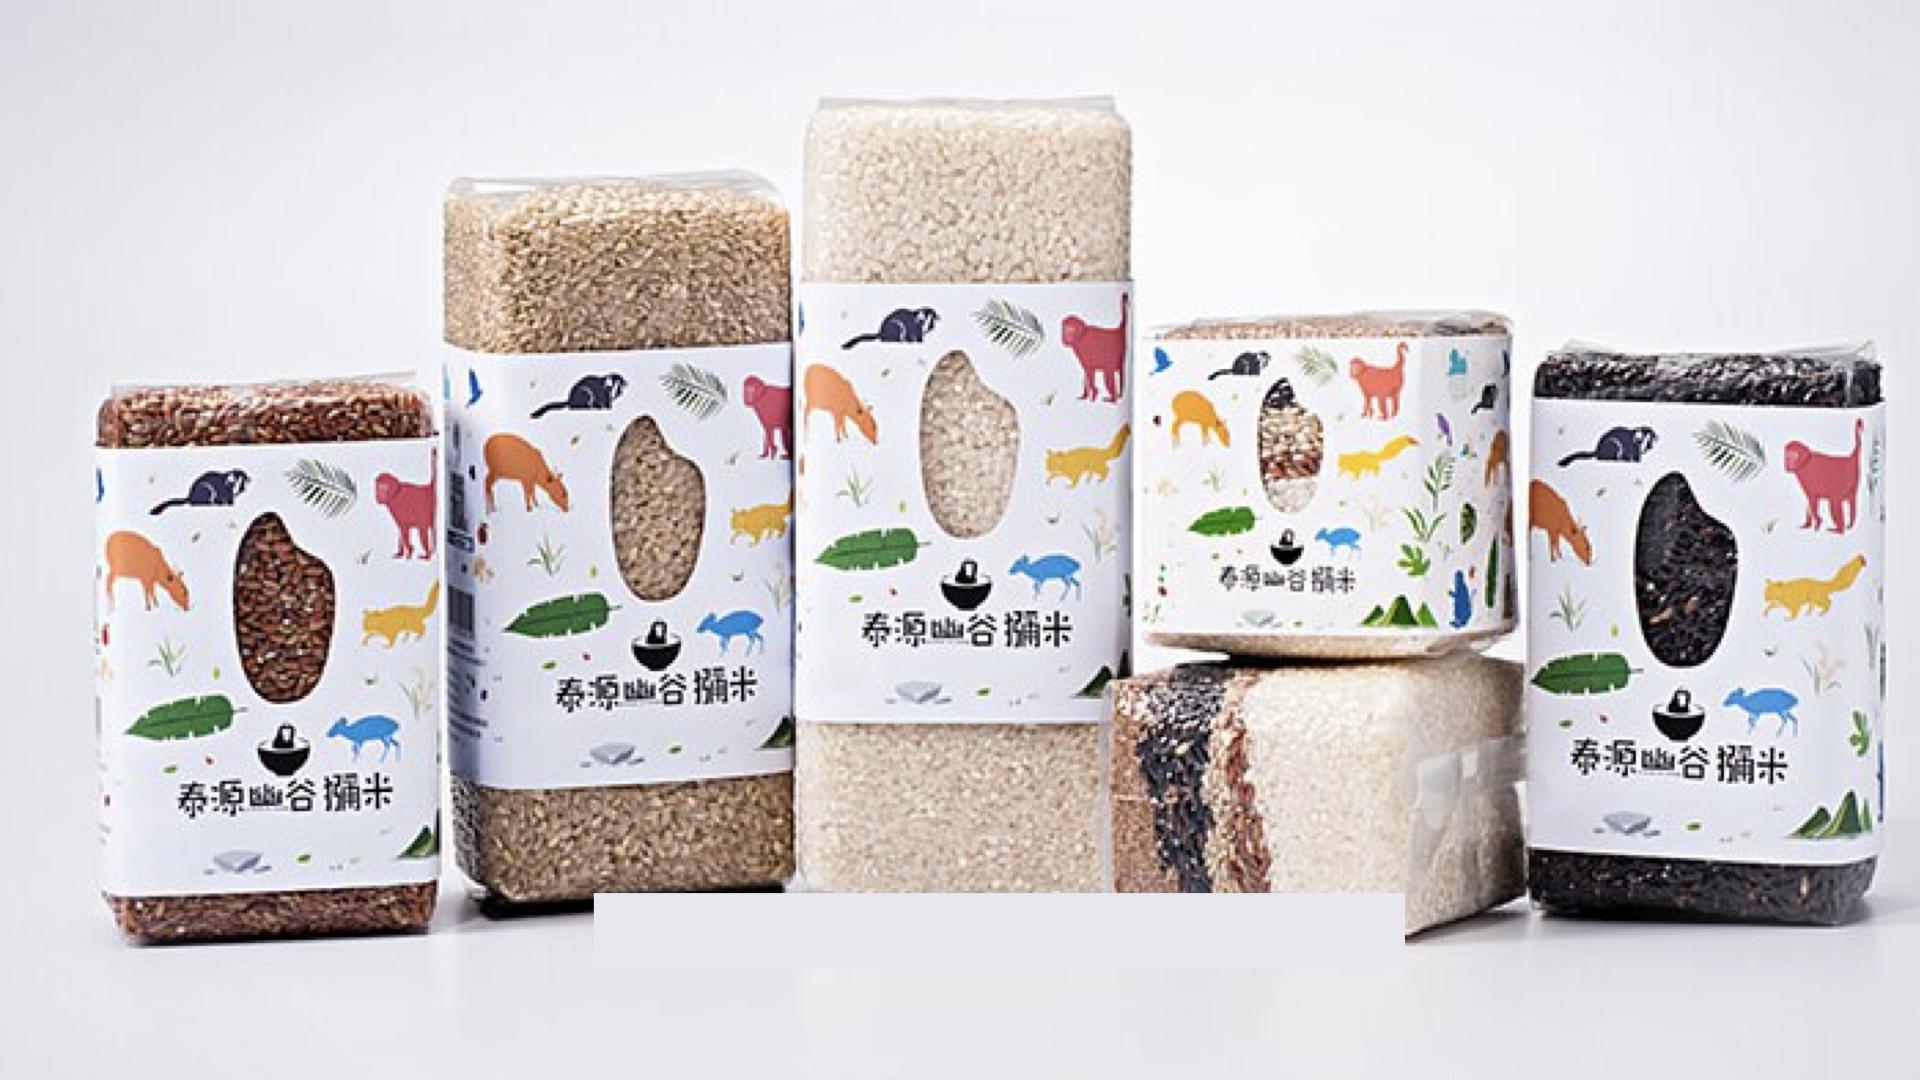 各種獼米的米,包含紅米、黑米、白米、紅藜、糙米與五鑽米